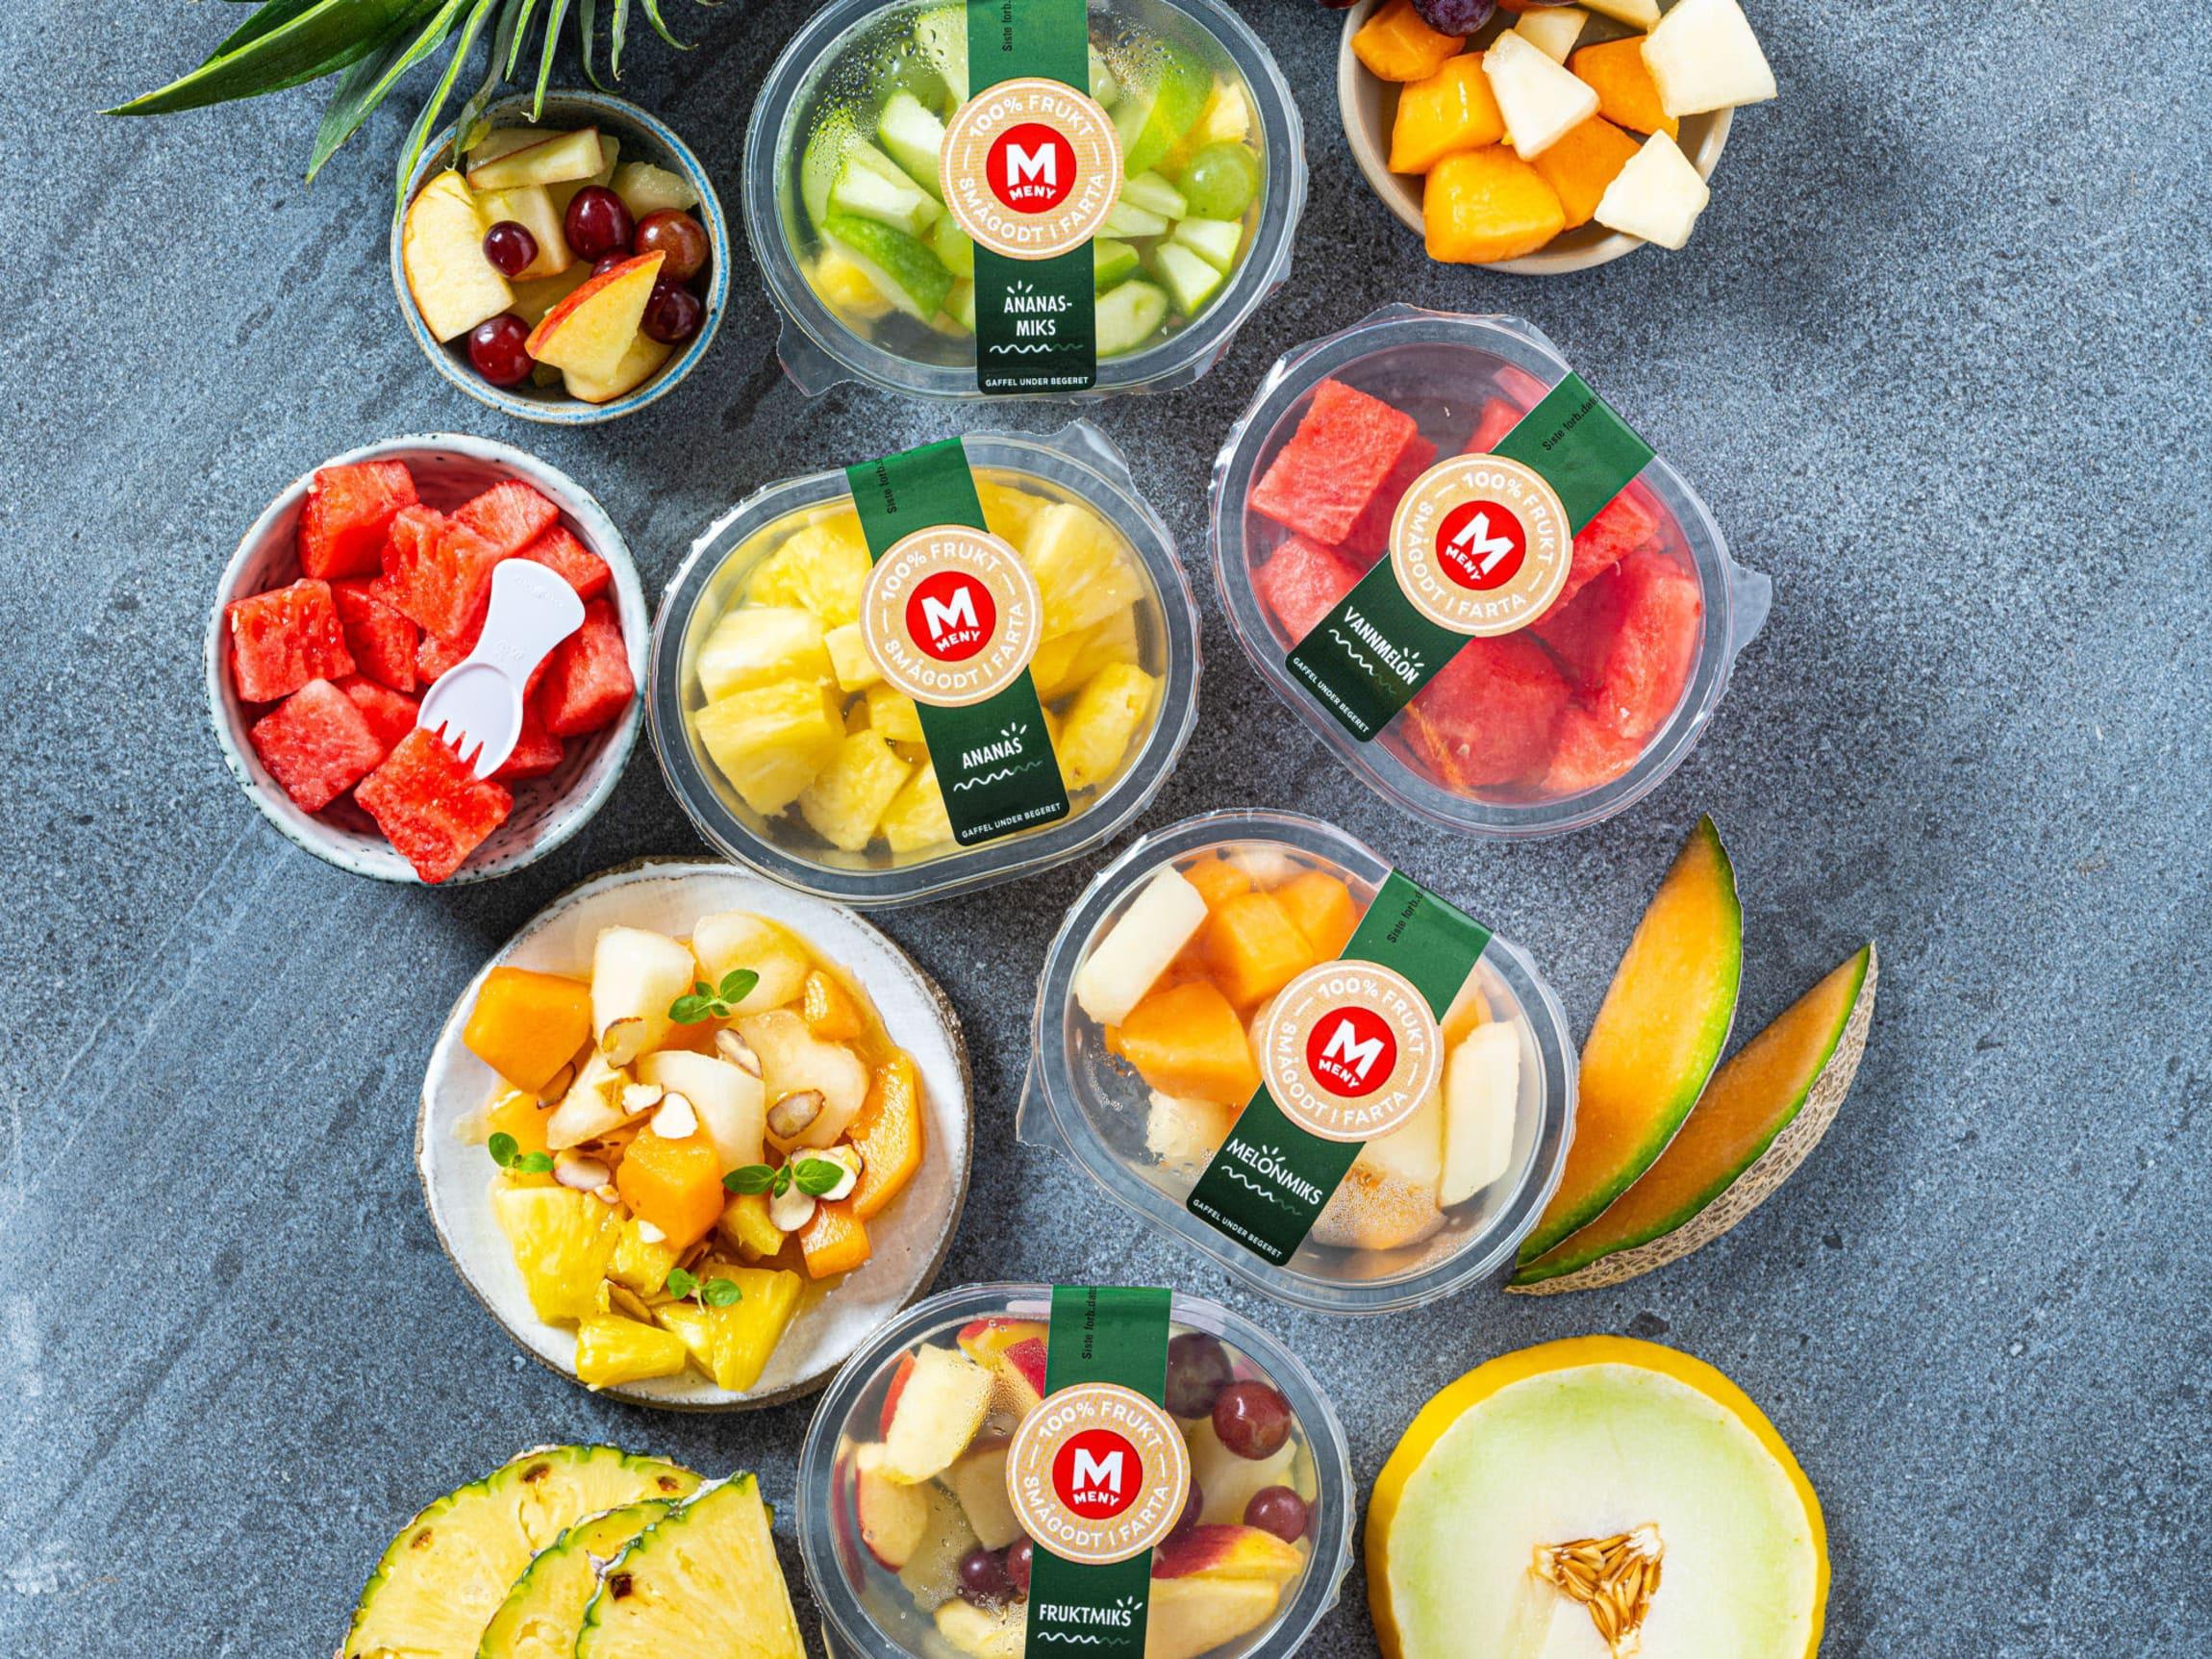 Kuttet frukt som melon og fruktmix er perfekt smågodt i farta